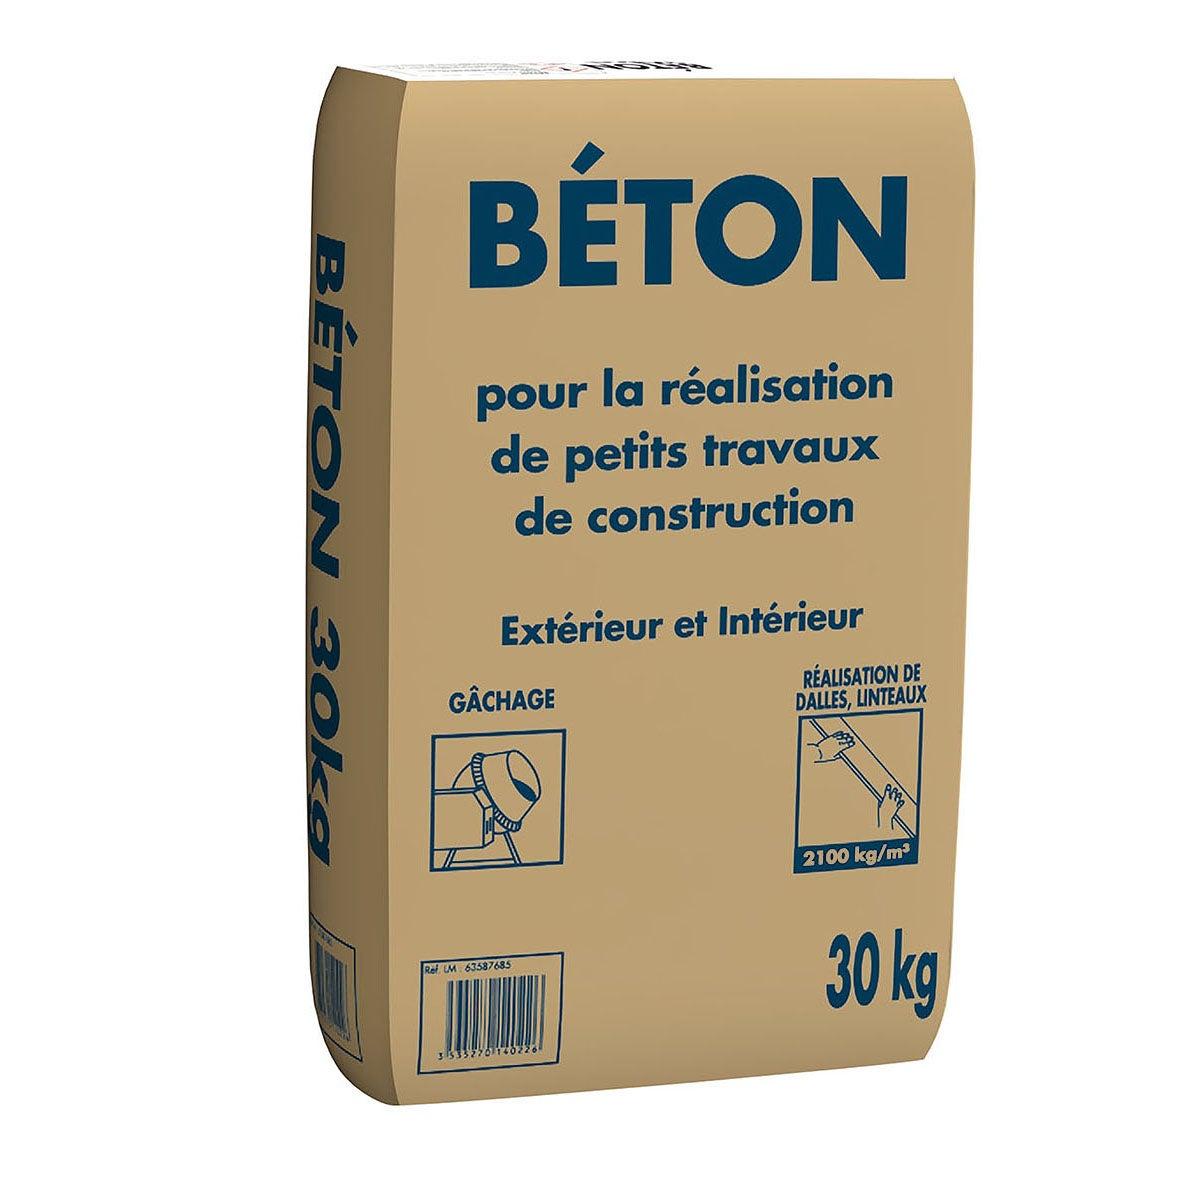 Sac de Béton prêt à l'emploi - 30 kg